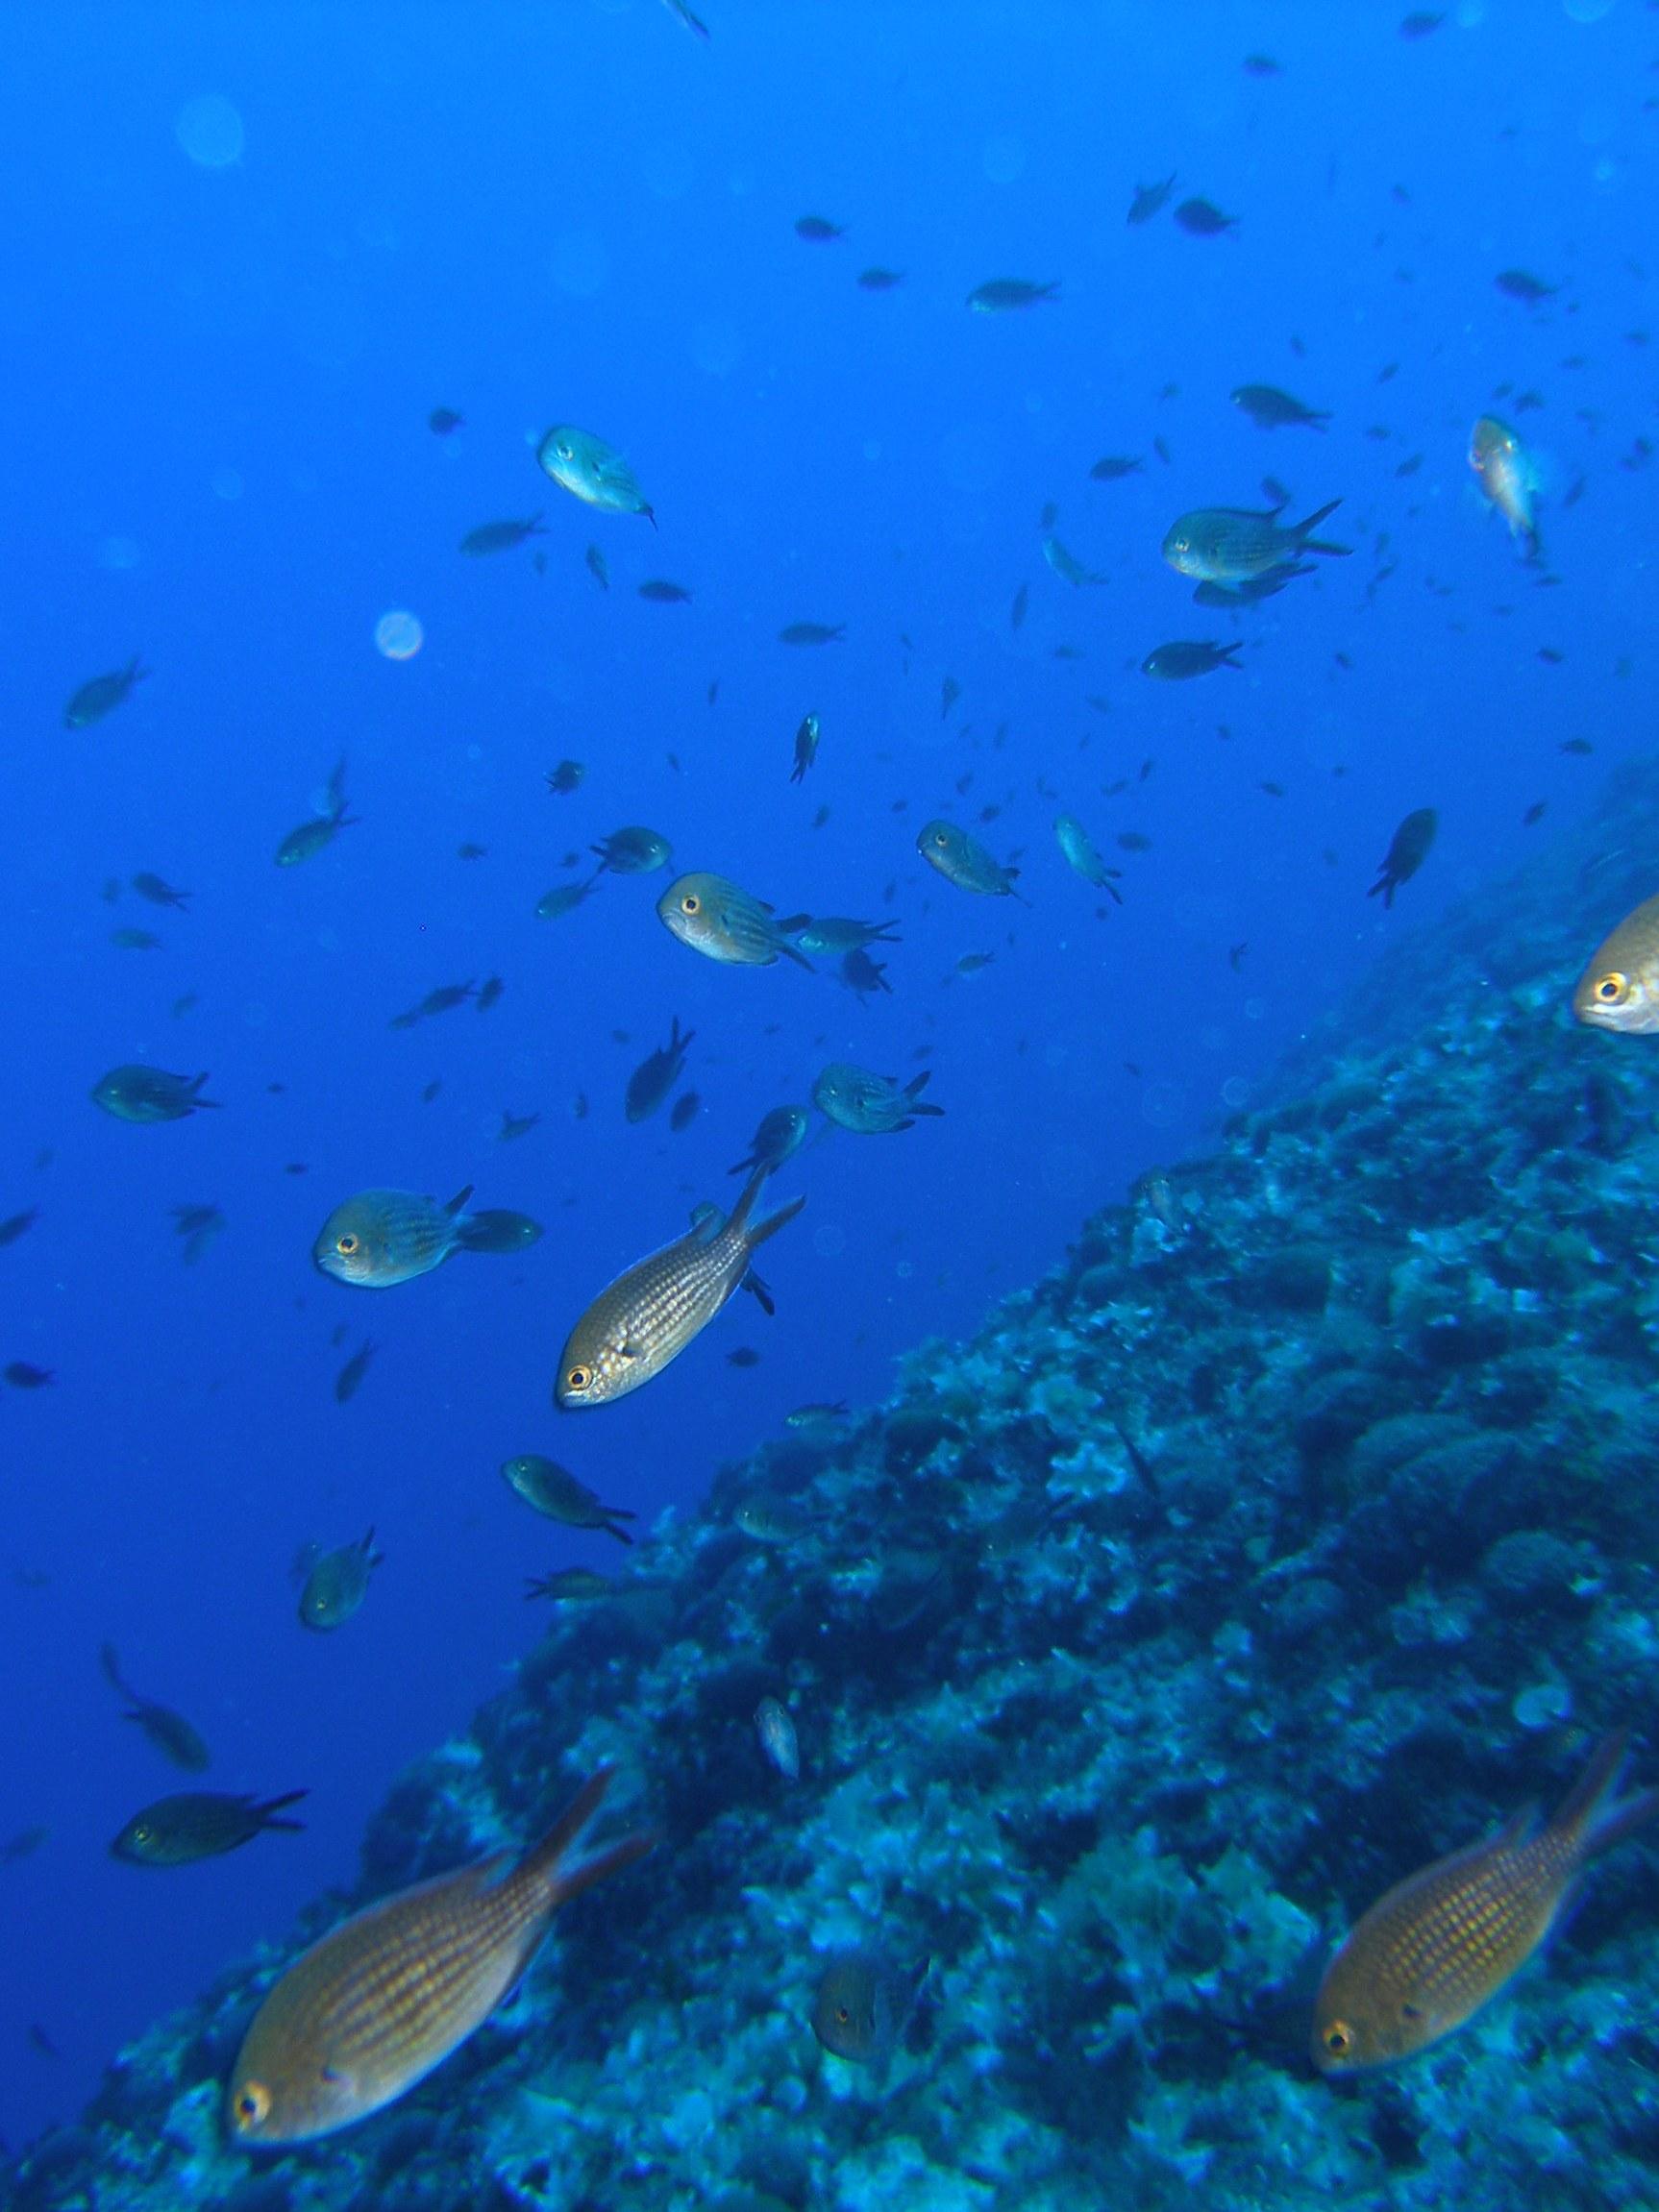 Sunce primljeno u međunarodnu organizaciju za zaštitu i očuvanje morskih ekosustava – Seas At Risk